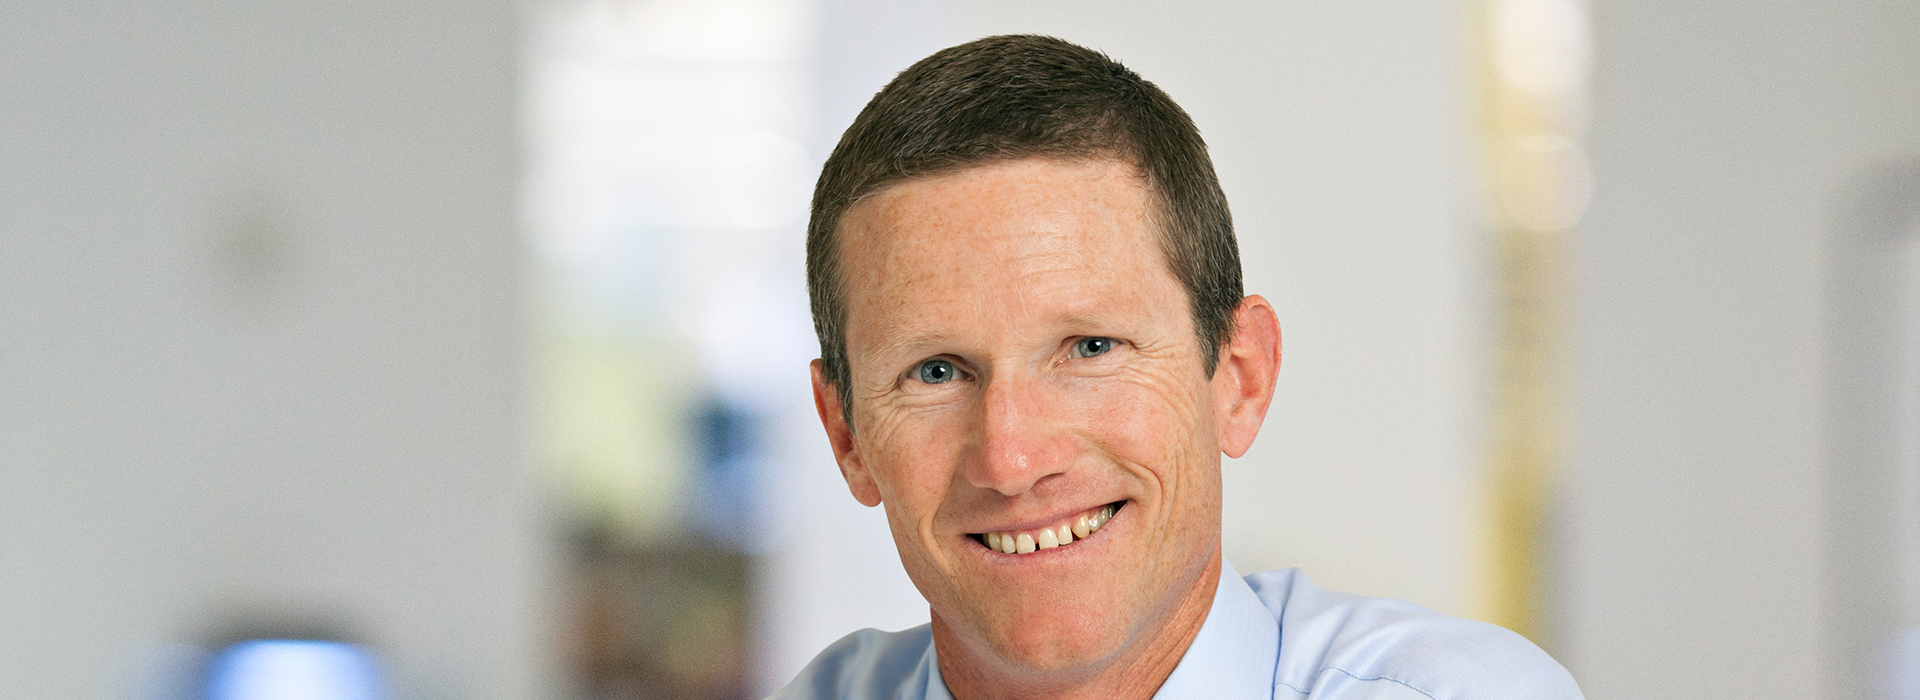 Expert Witness: Andrew Scott, Principal